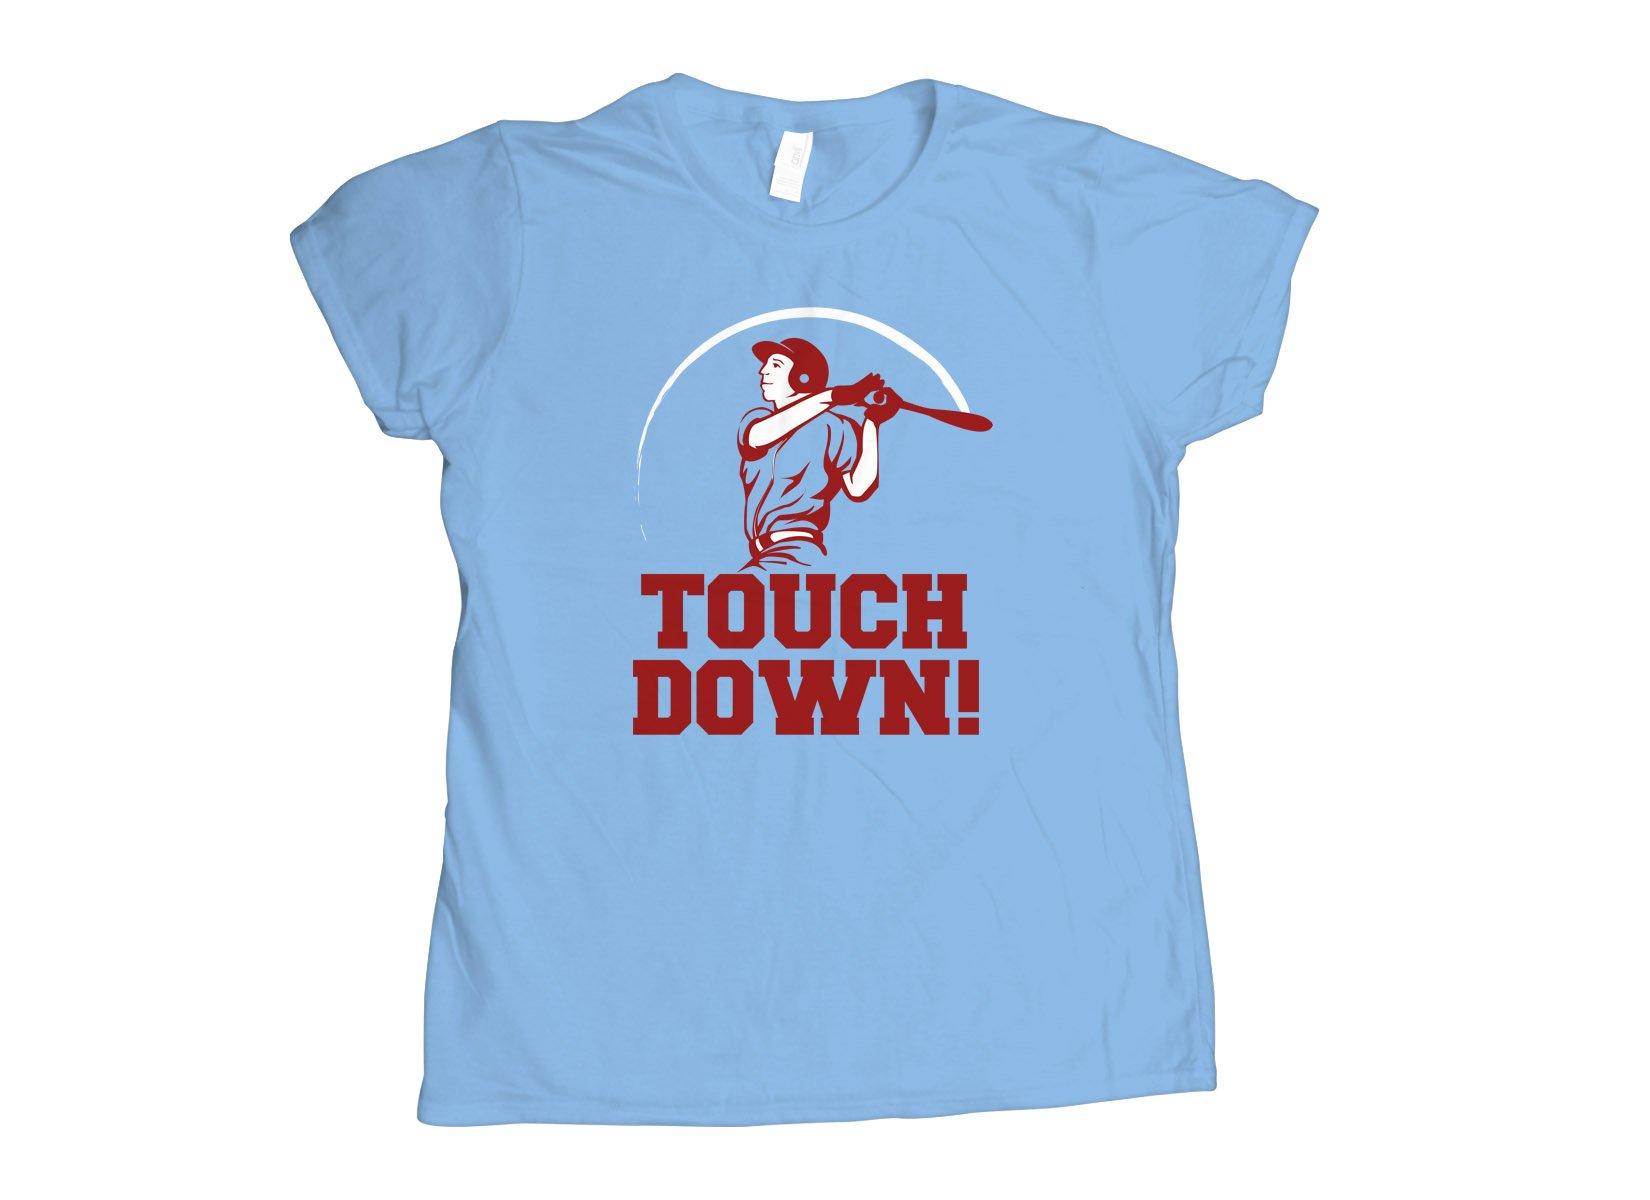 Touchdown! on Womens T-Shirt